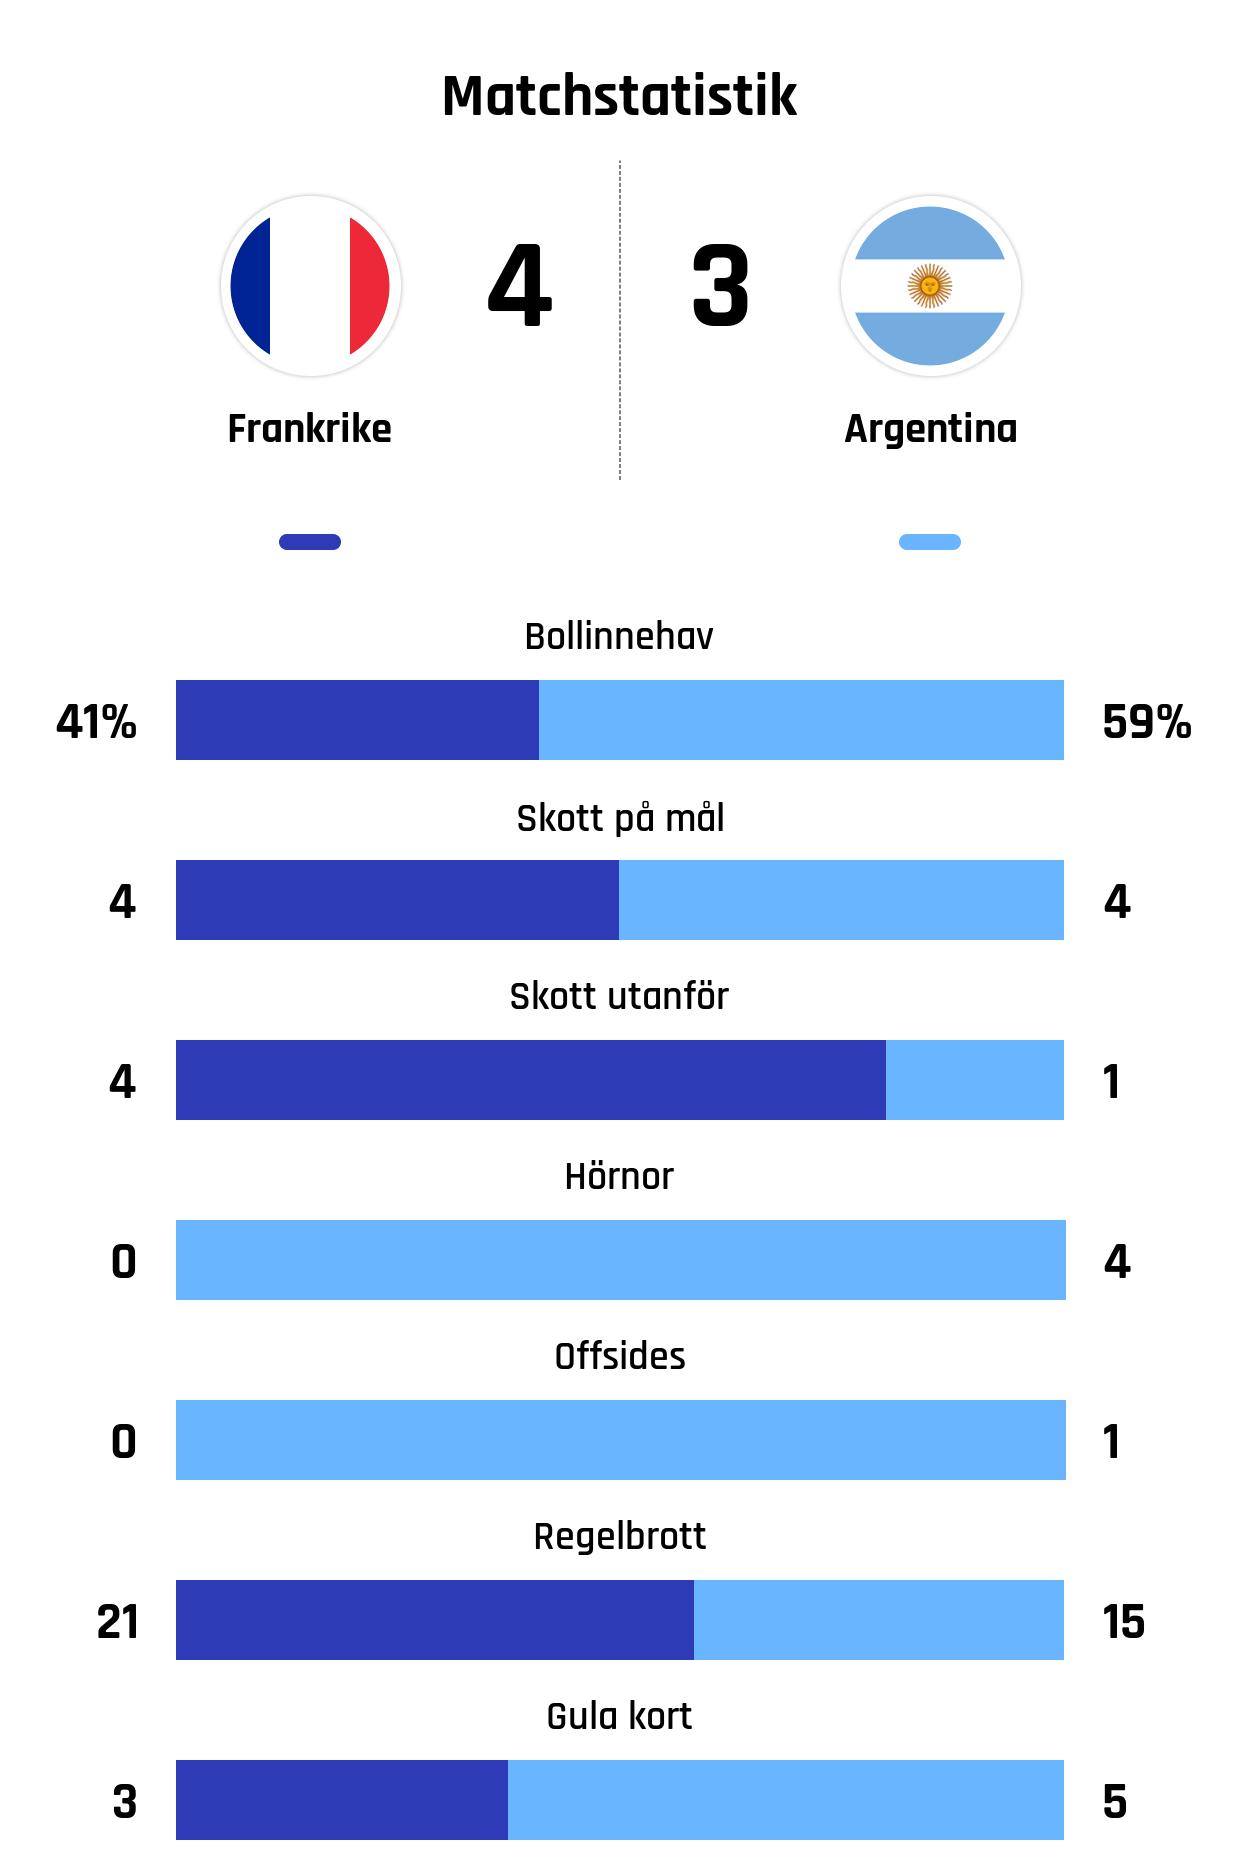 Bollinnehav 41%-59%<br /> Skott på mål 4-4<br /> Skott utanför 4-1<br /> Hörnor 0-4<br /> Offsides 0-1<br /> Regelbrott 21-15<br /> Gula kort 3-5